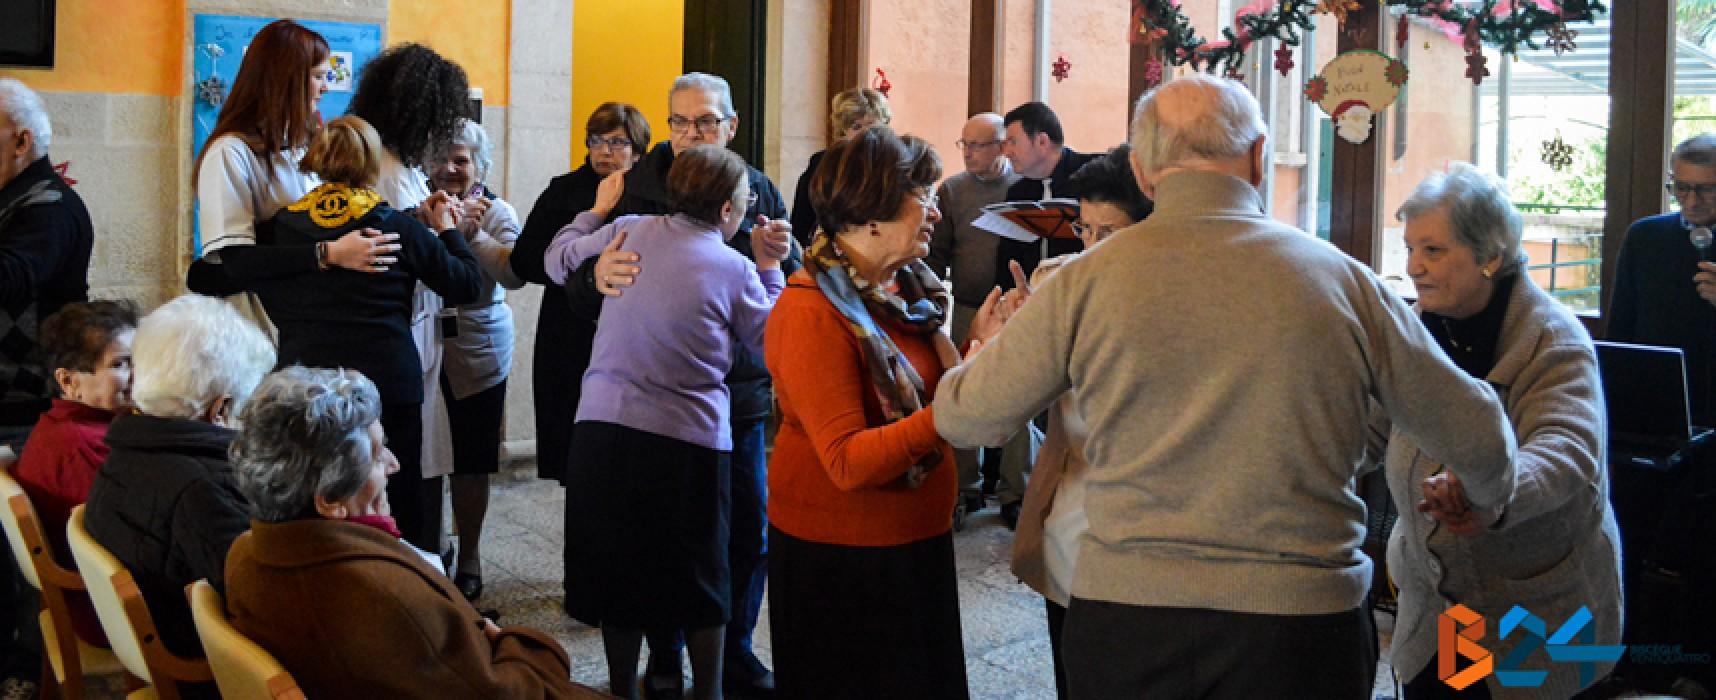 """L'Anteas organizza """"Natale Incanta"""" in occasione delle festività natalizie"""